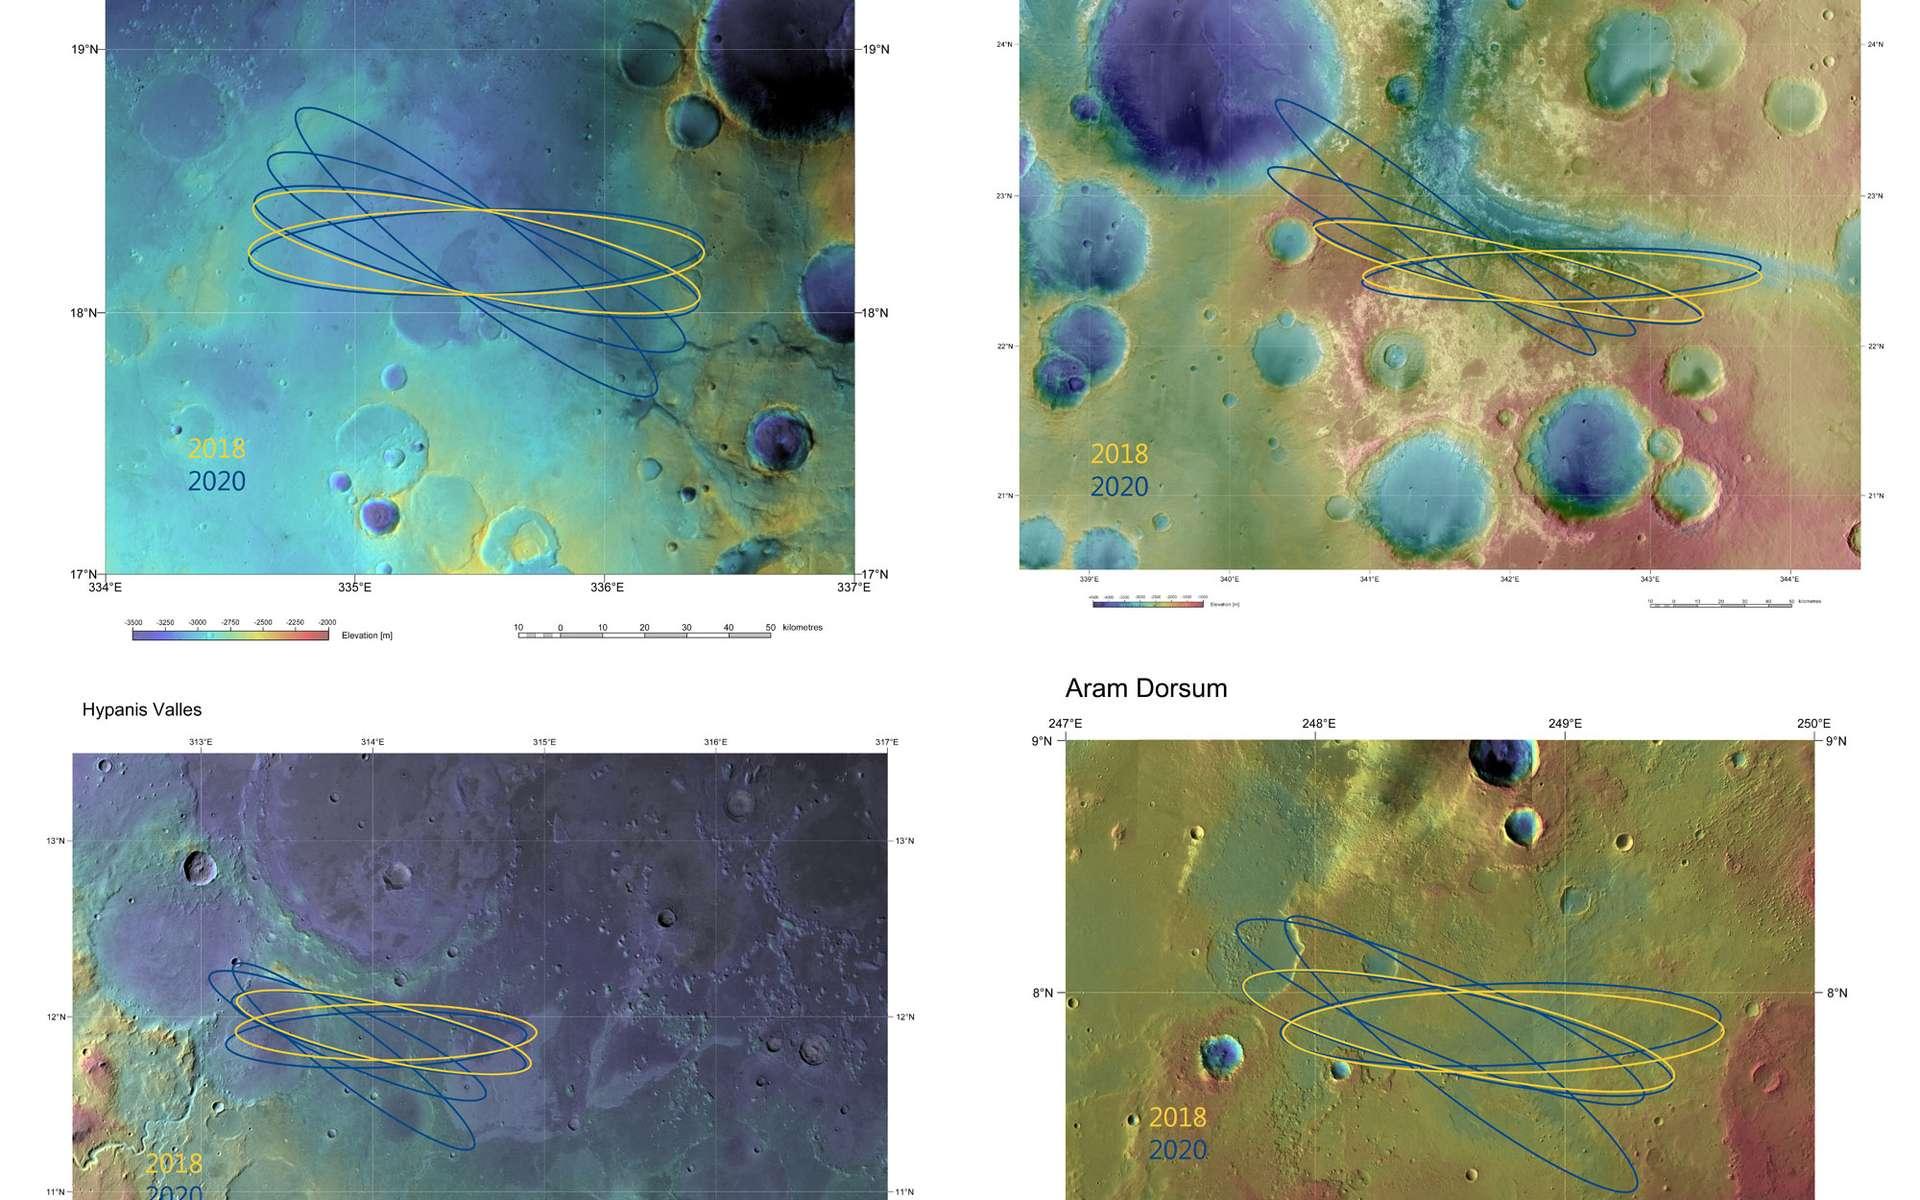 Les quatre sites d'atterrissage possibles pour le rover d'ExoMars 2018. On notera que les ellipses d'atterrissage ont été calculées pour 2018 mais aussi pour 2020 en cas de report du tir. © Esa, DLR, FU Berlin & Nasa MGS Mola Science Team